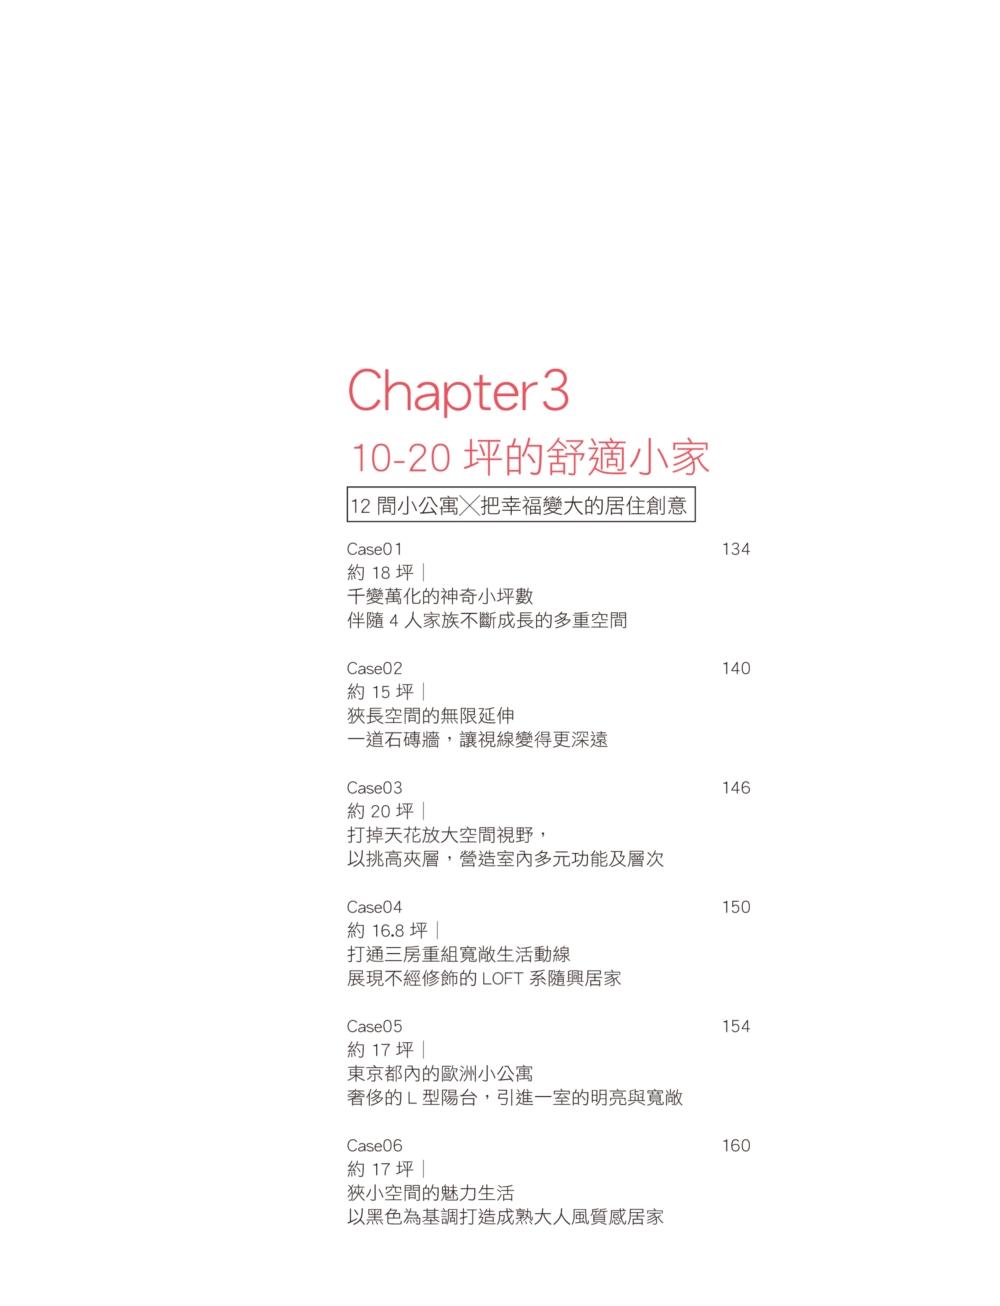 //im1.book.com.tw/image/getImage?i=http://www.books.com.tw/img/001/069/86/0010698618_bi_04.jpg&v=5666cd91&w=655&h=609